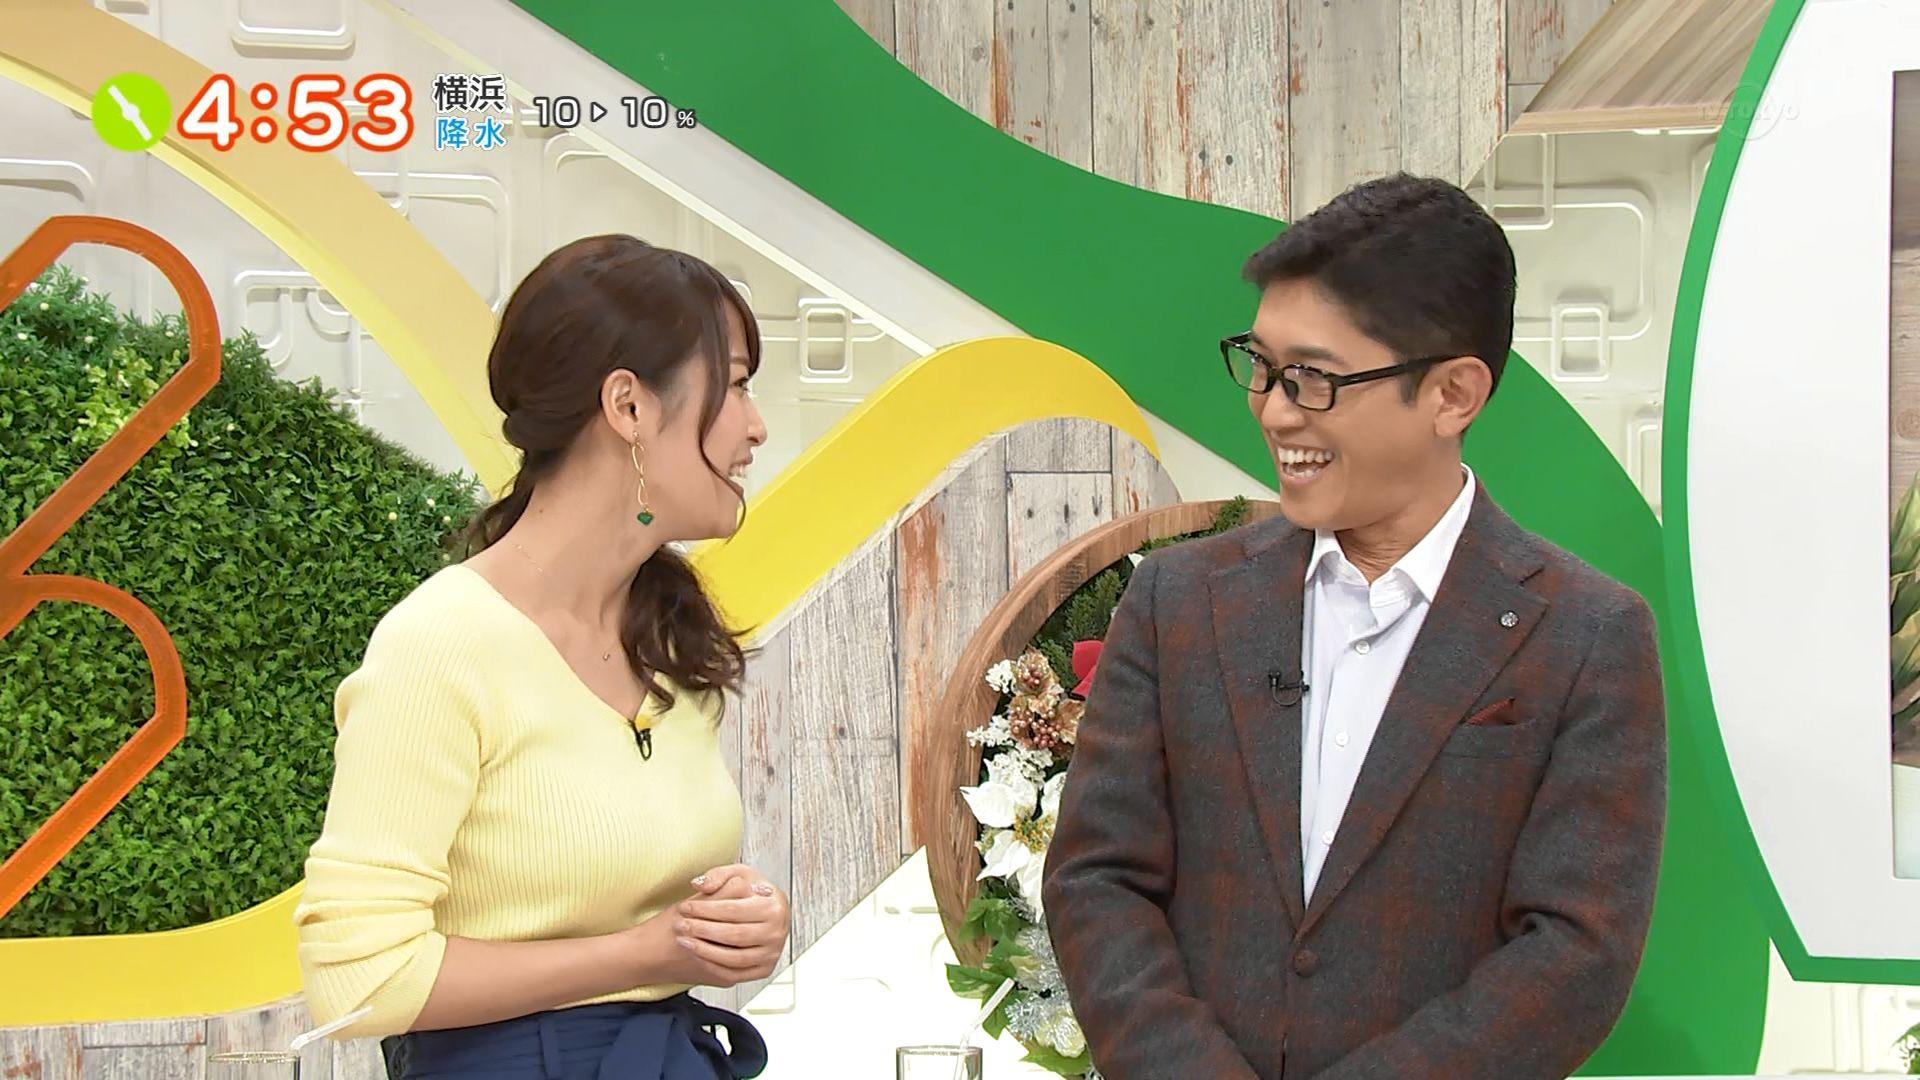 20181206テレビ東京「よじごじdays」・鷲見玲奈さんのテレビキャプチャー画像-037